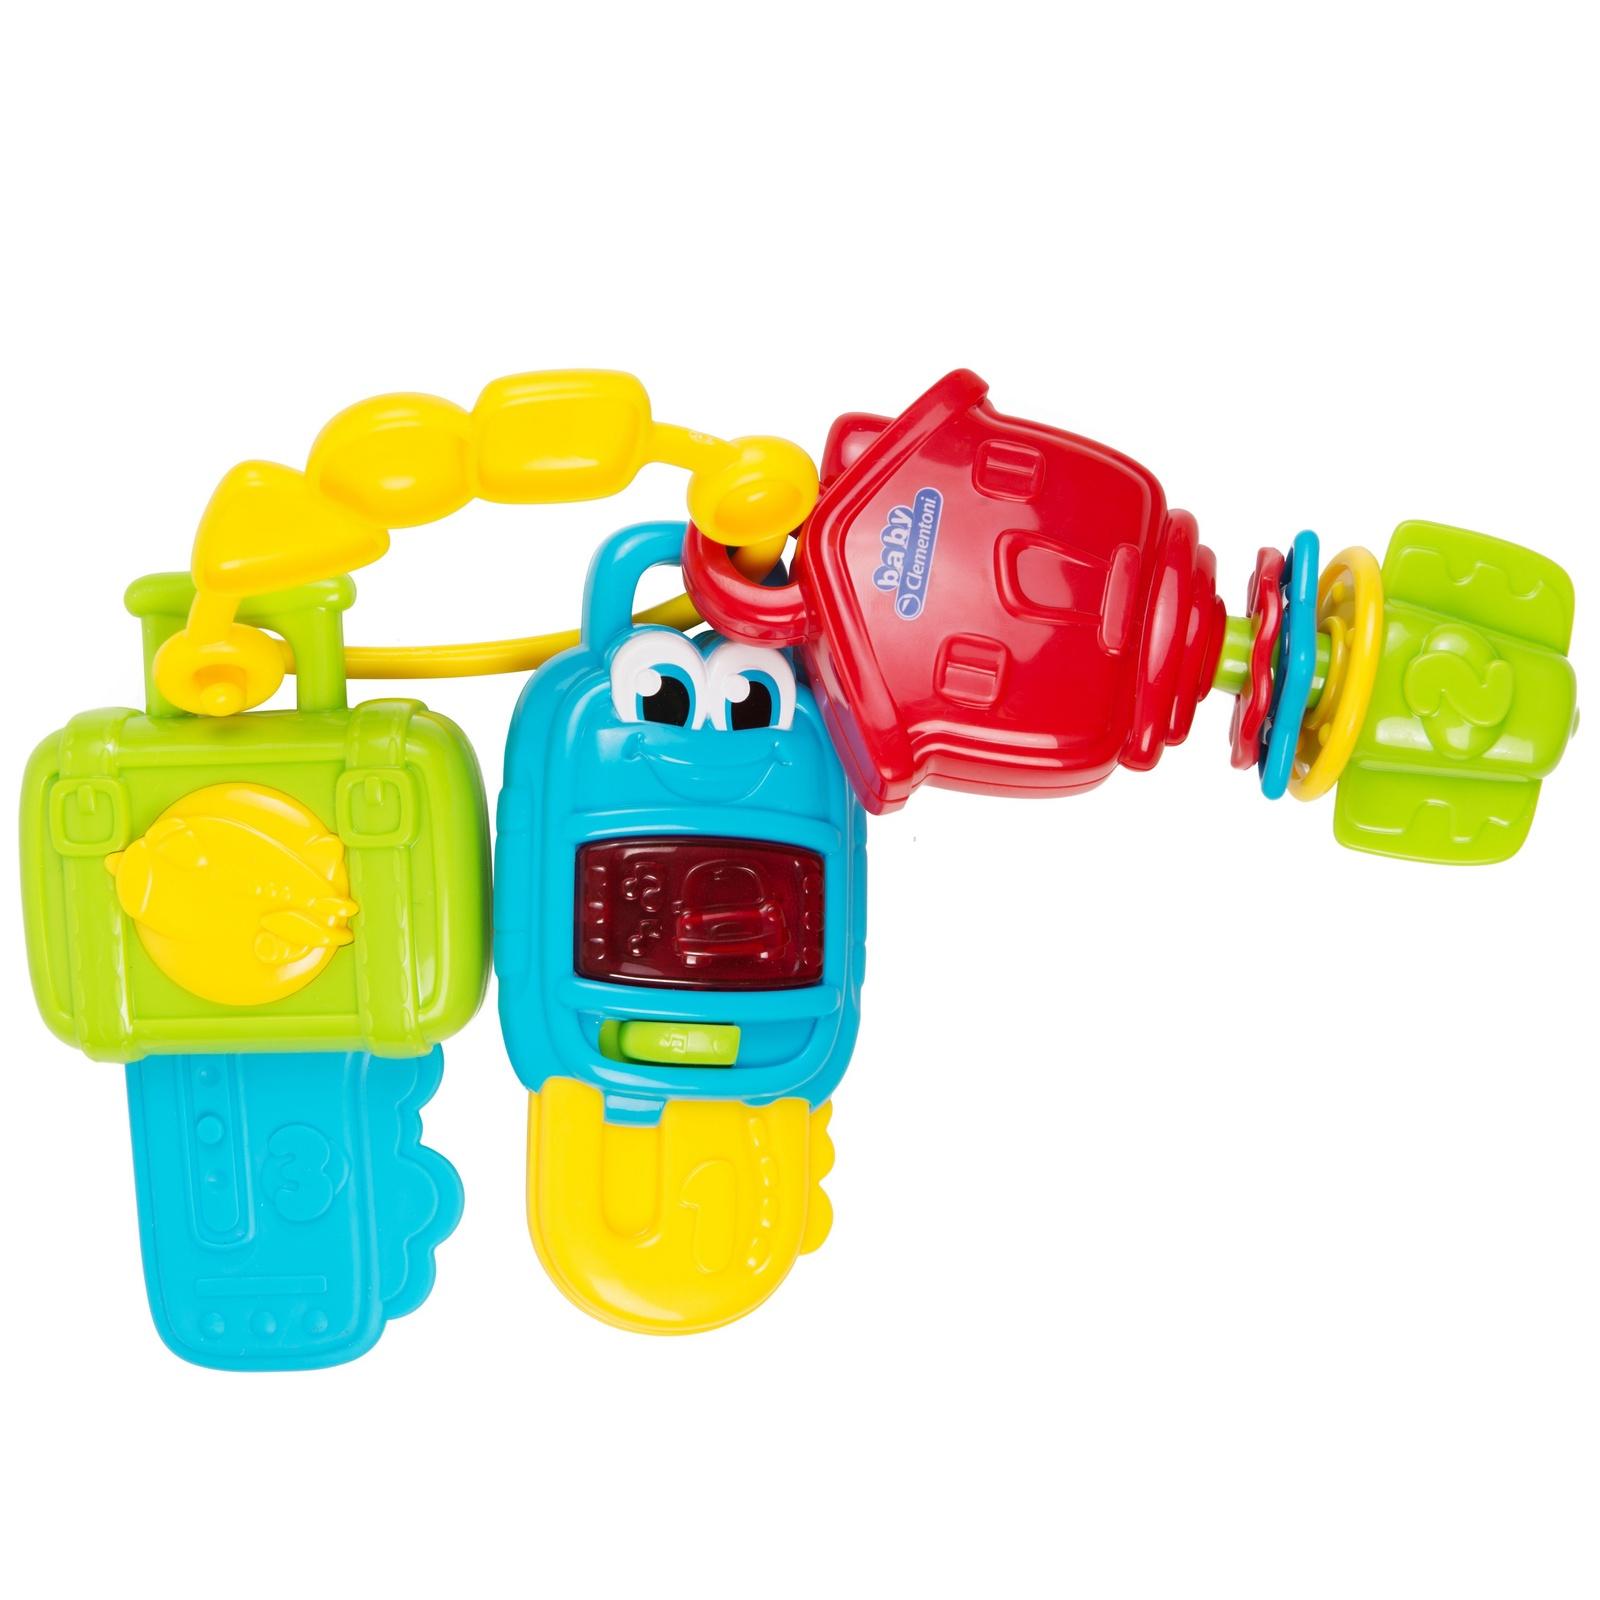 """Интерактивная игрушка Клементони Игрушка """"Музыкальные ключики"""" красный, зеленый, желтый"""